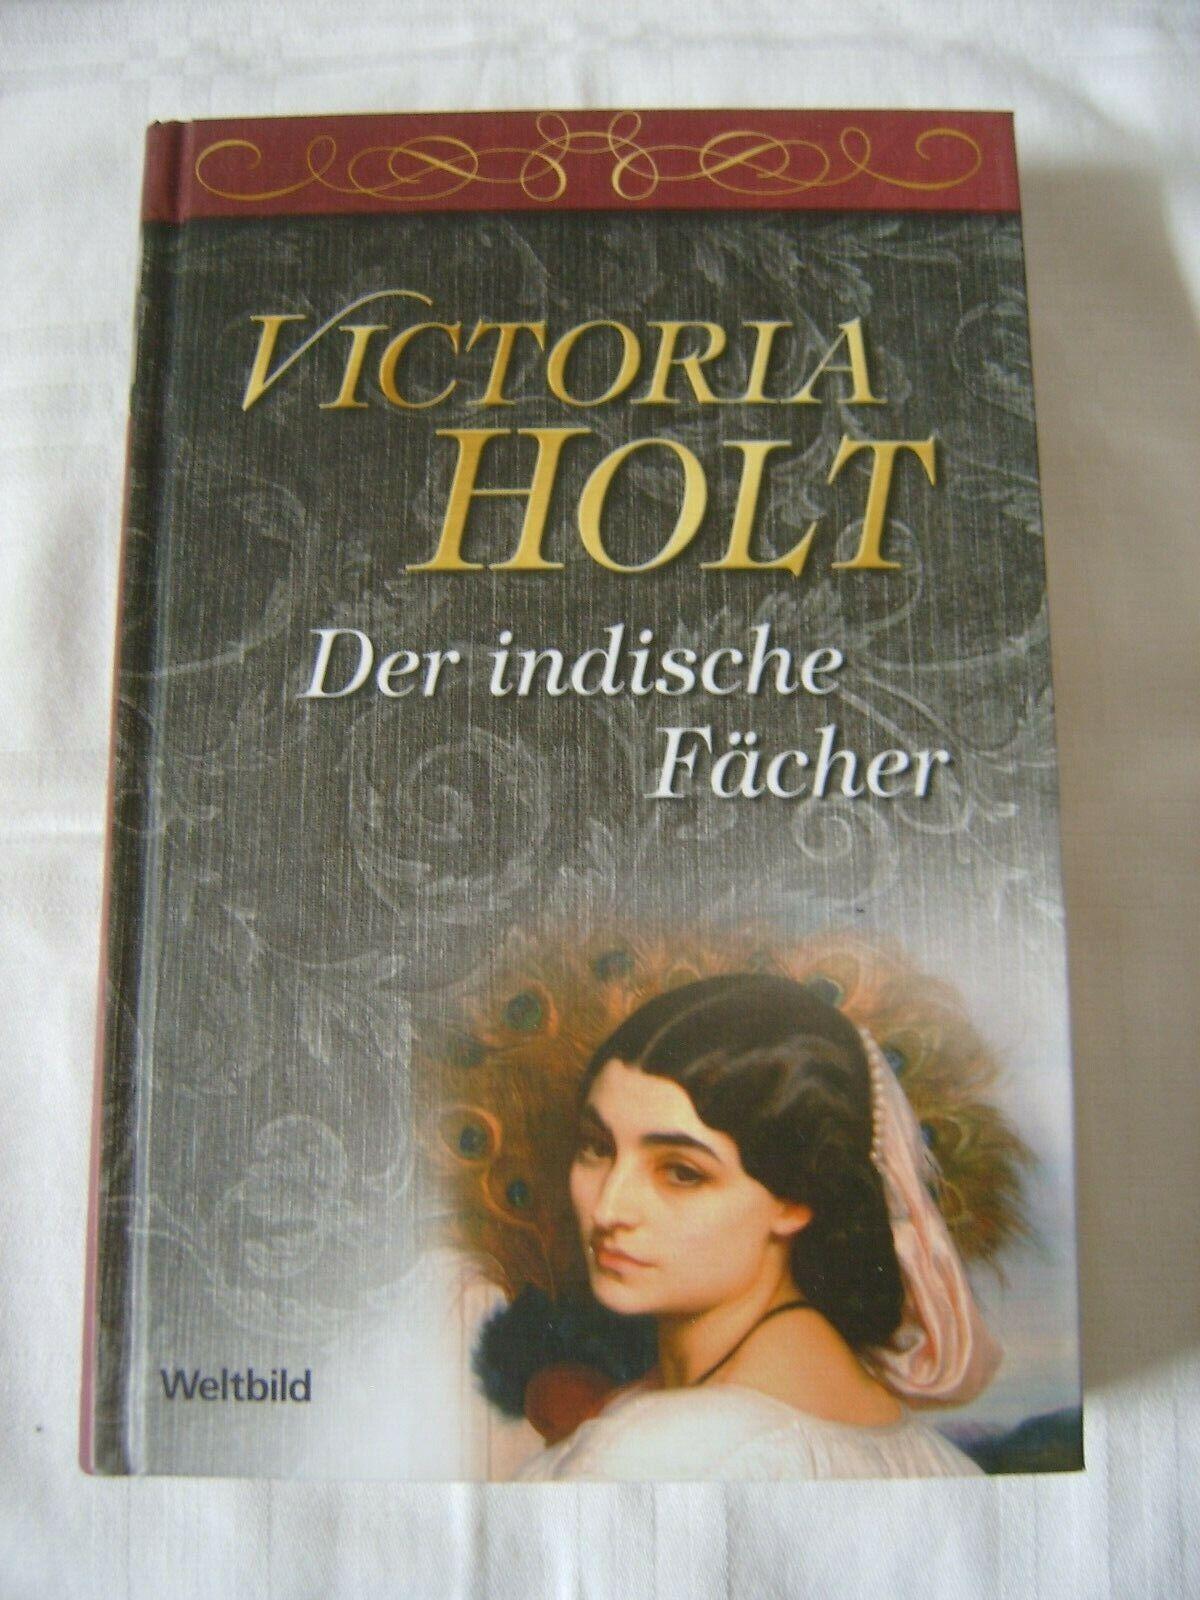 Der indische Fächer von Victoria Holt - Victoria Holt